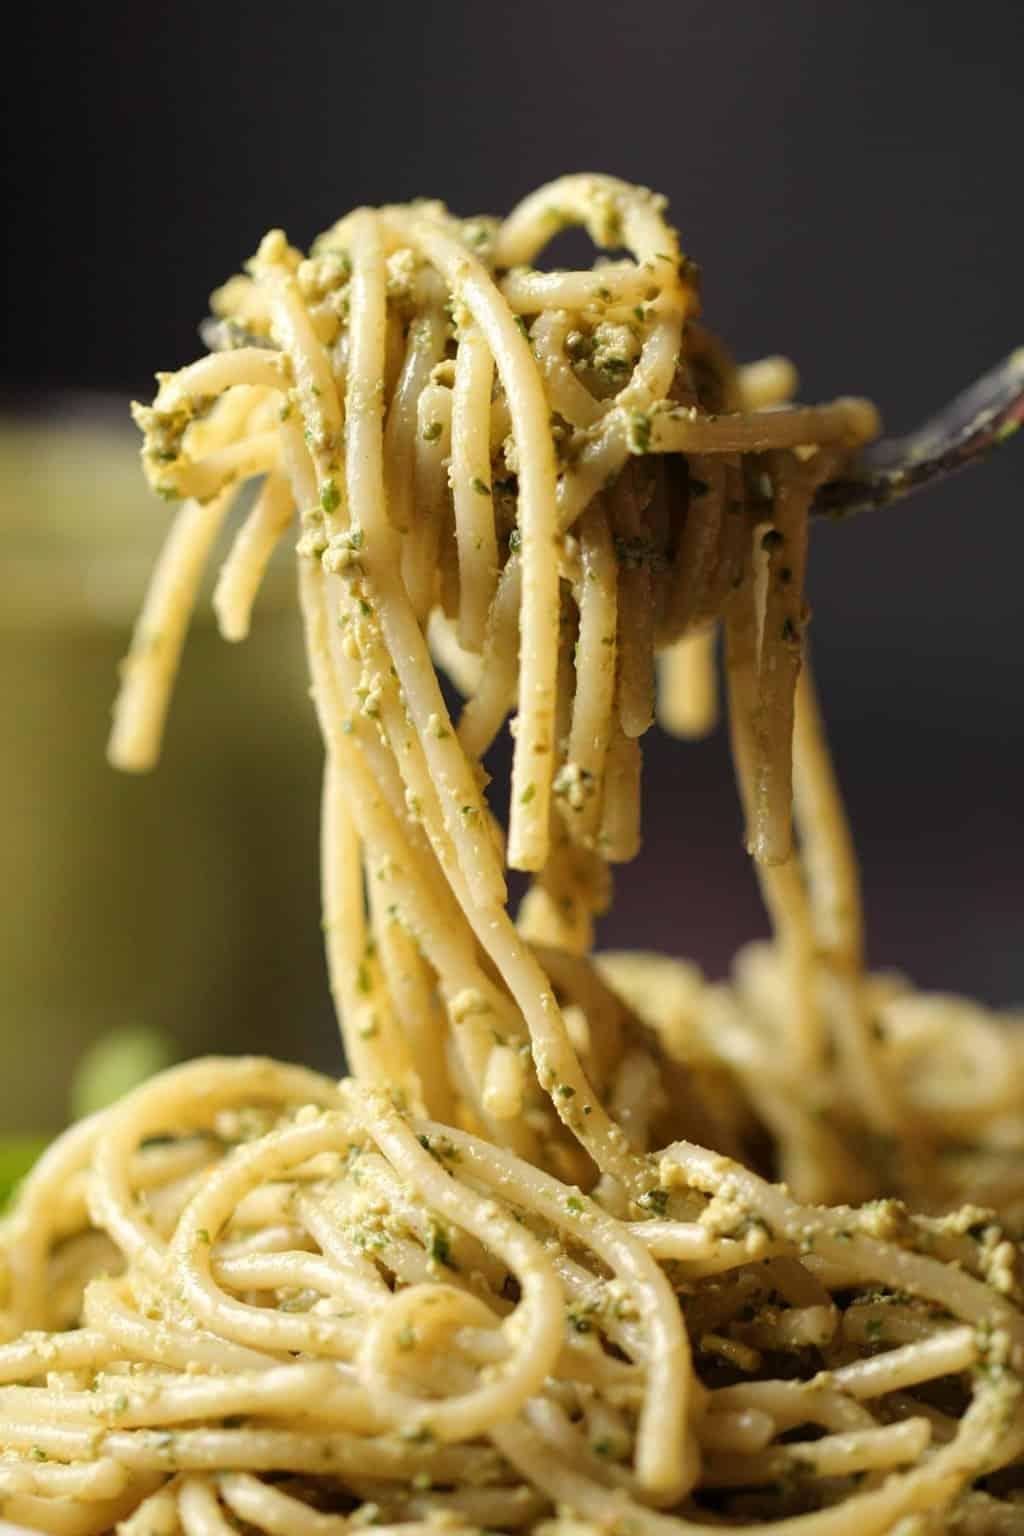 Vegan pesto mixed with spaghetti on a fork.